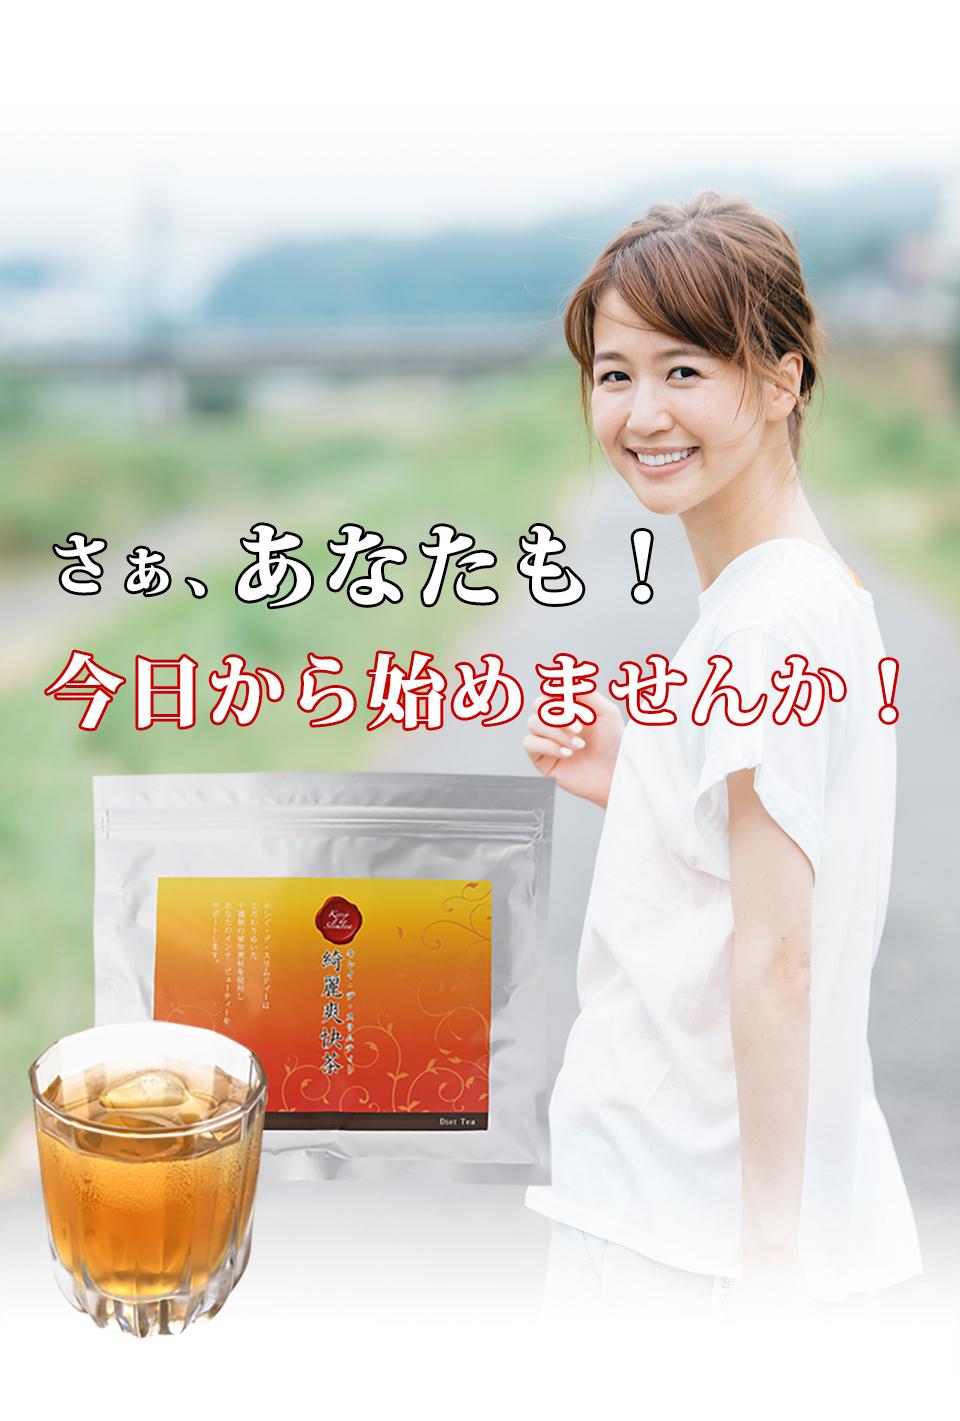 キレイ・デ・スリムティー -綺麗爽快茶-